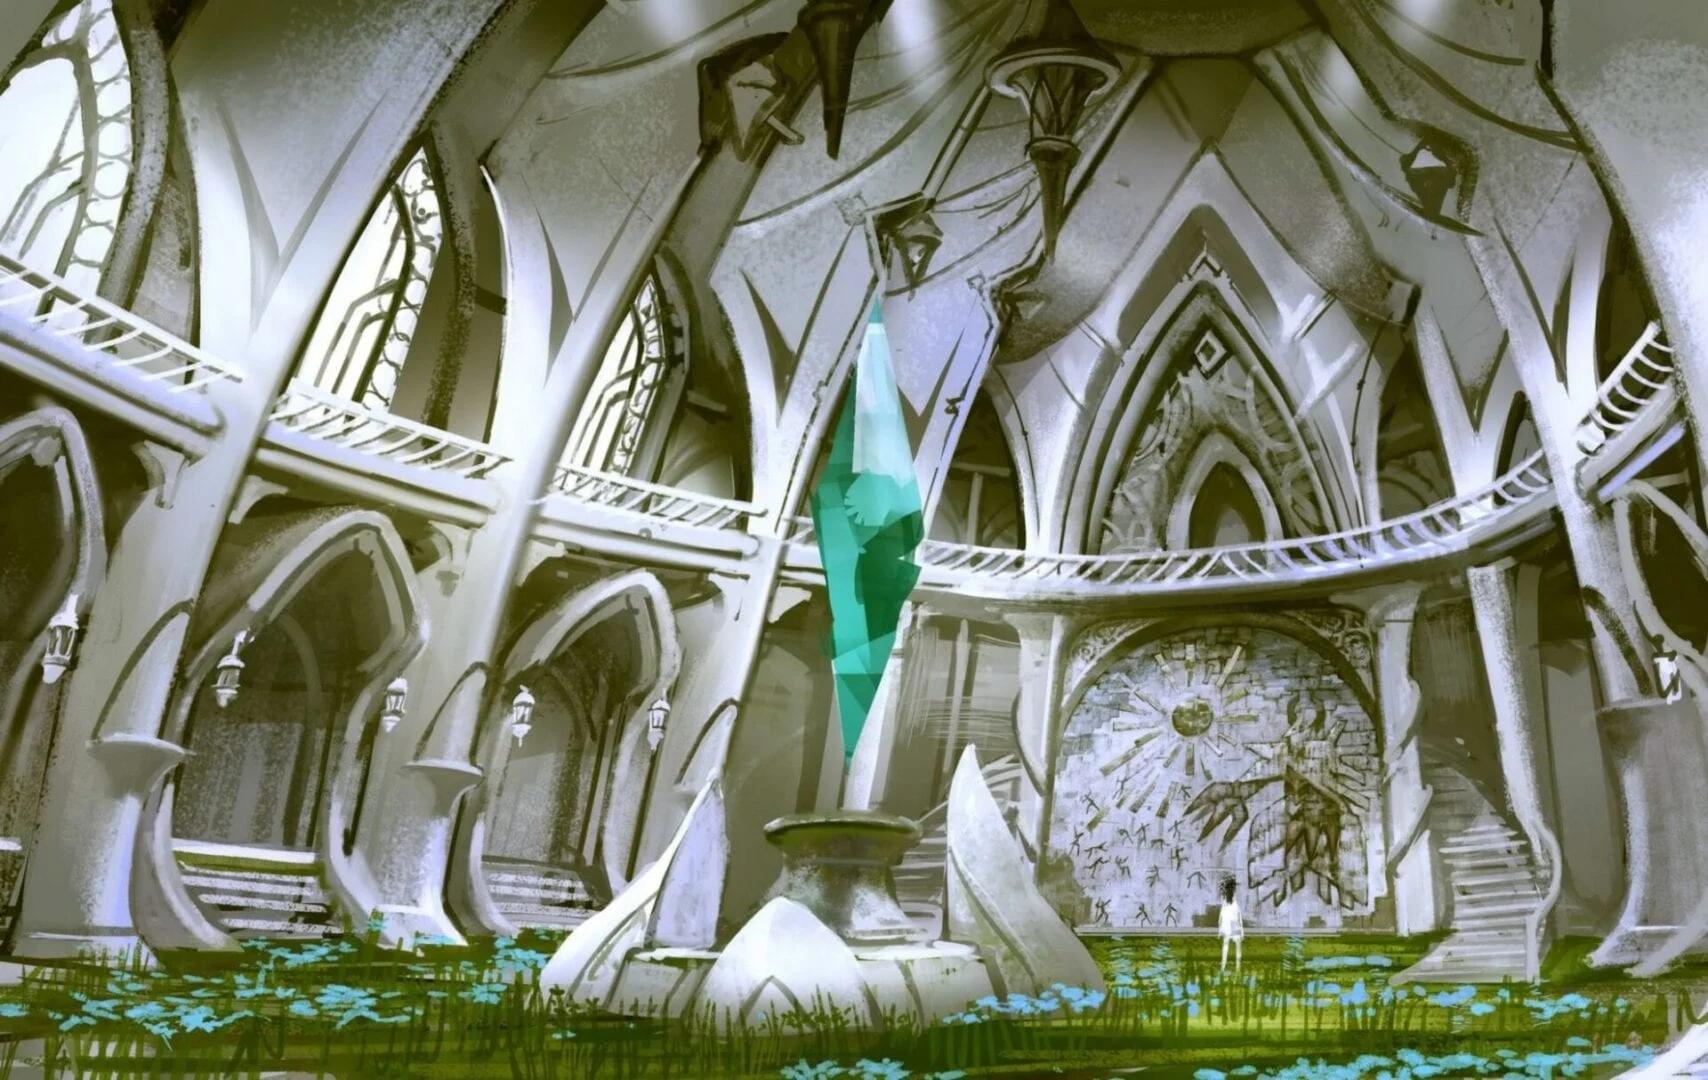 Art (2).jpeg - Atelier Ryza 2: Lost Legends & the Secret Fairy